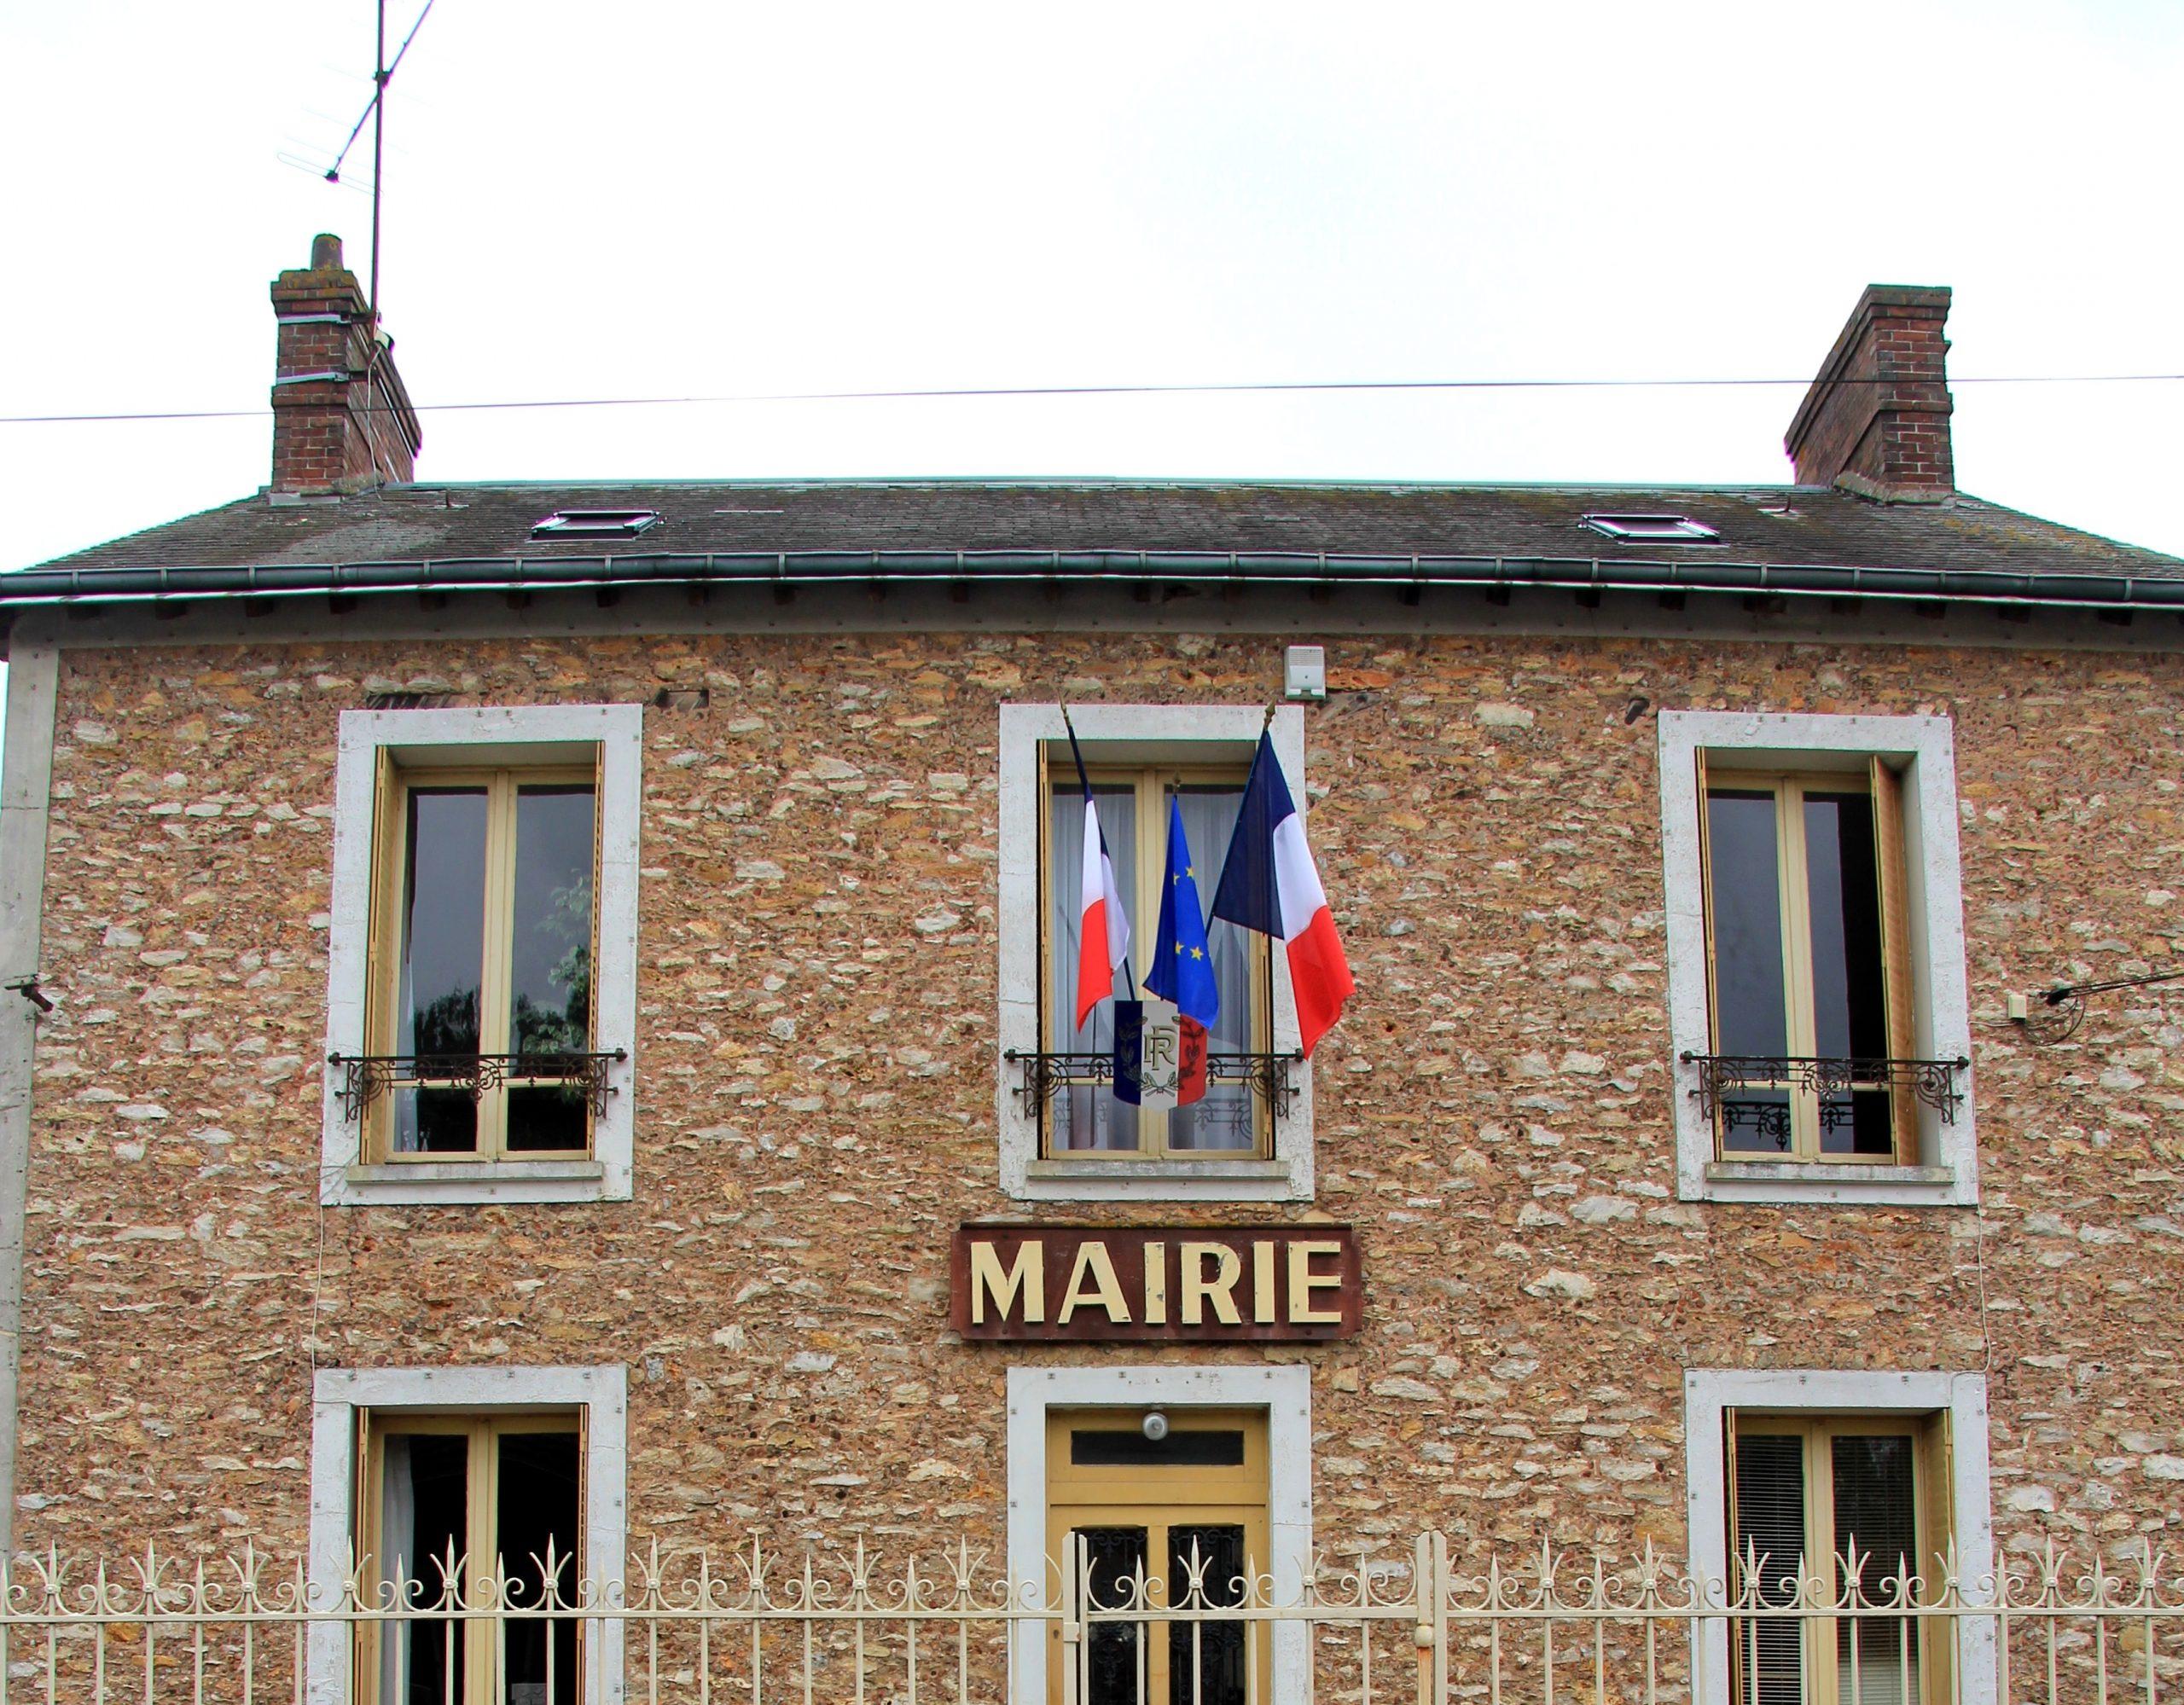 Mairie les Granges-Le-Roi